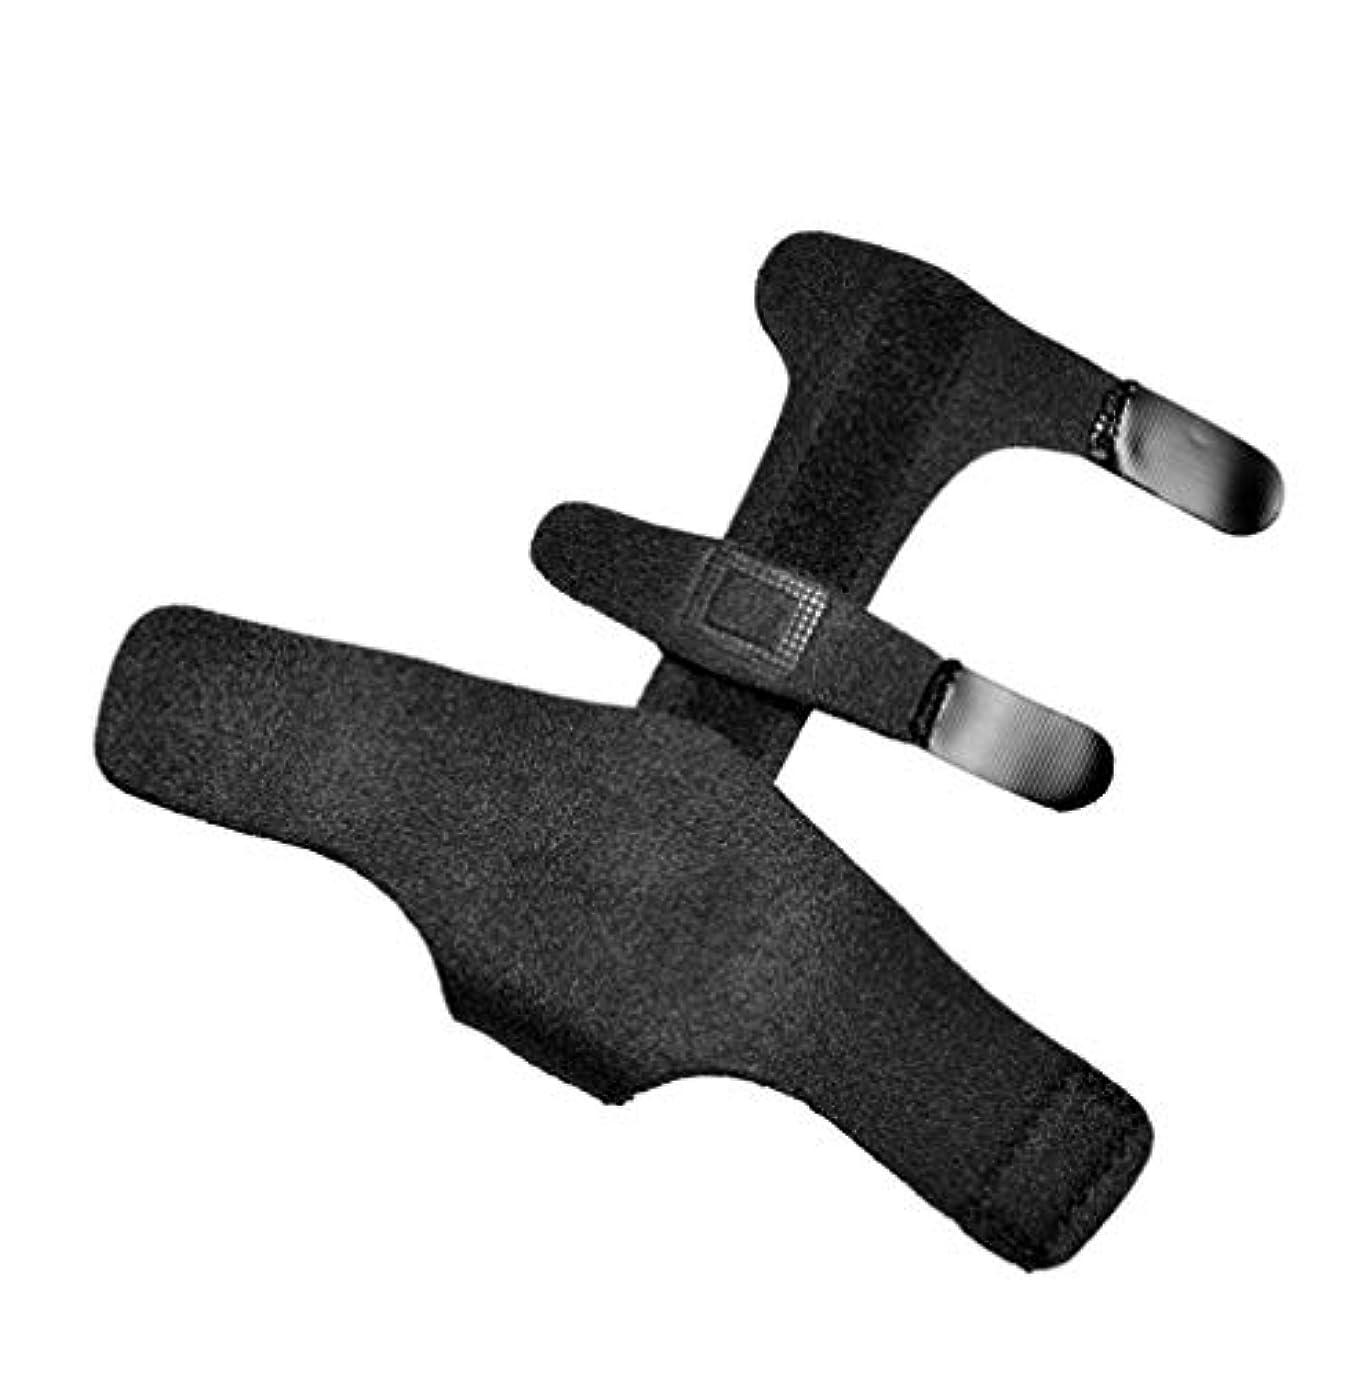 東完璧なプラカード親指スプリント、スプリント固定フィンガージョイント捻挫とホームの指固定して指骨折固定、ワンサイズ